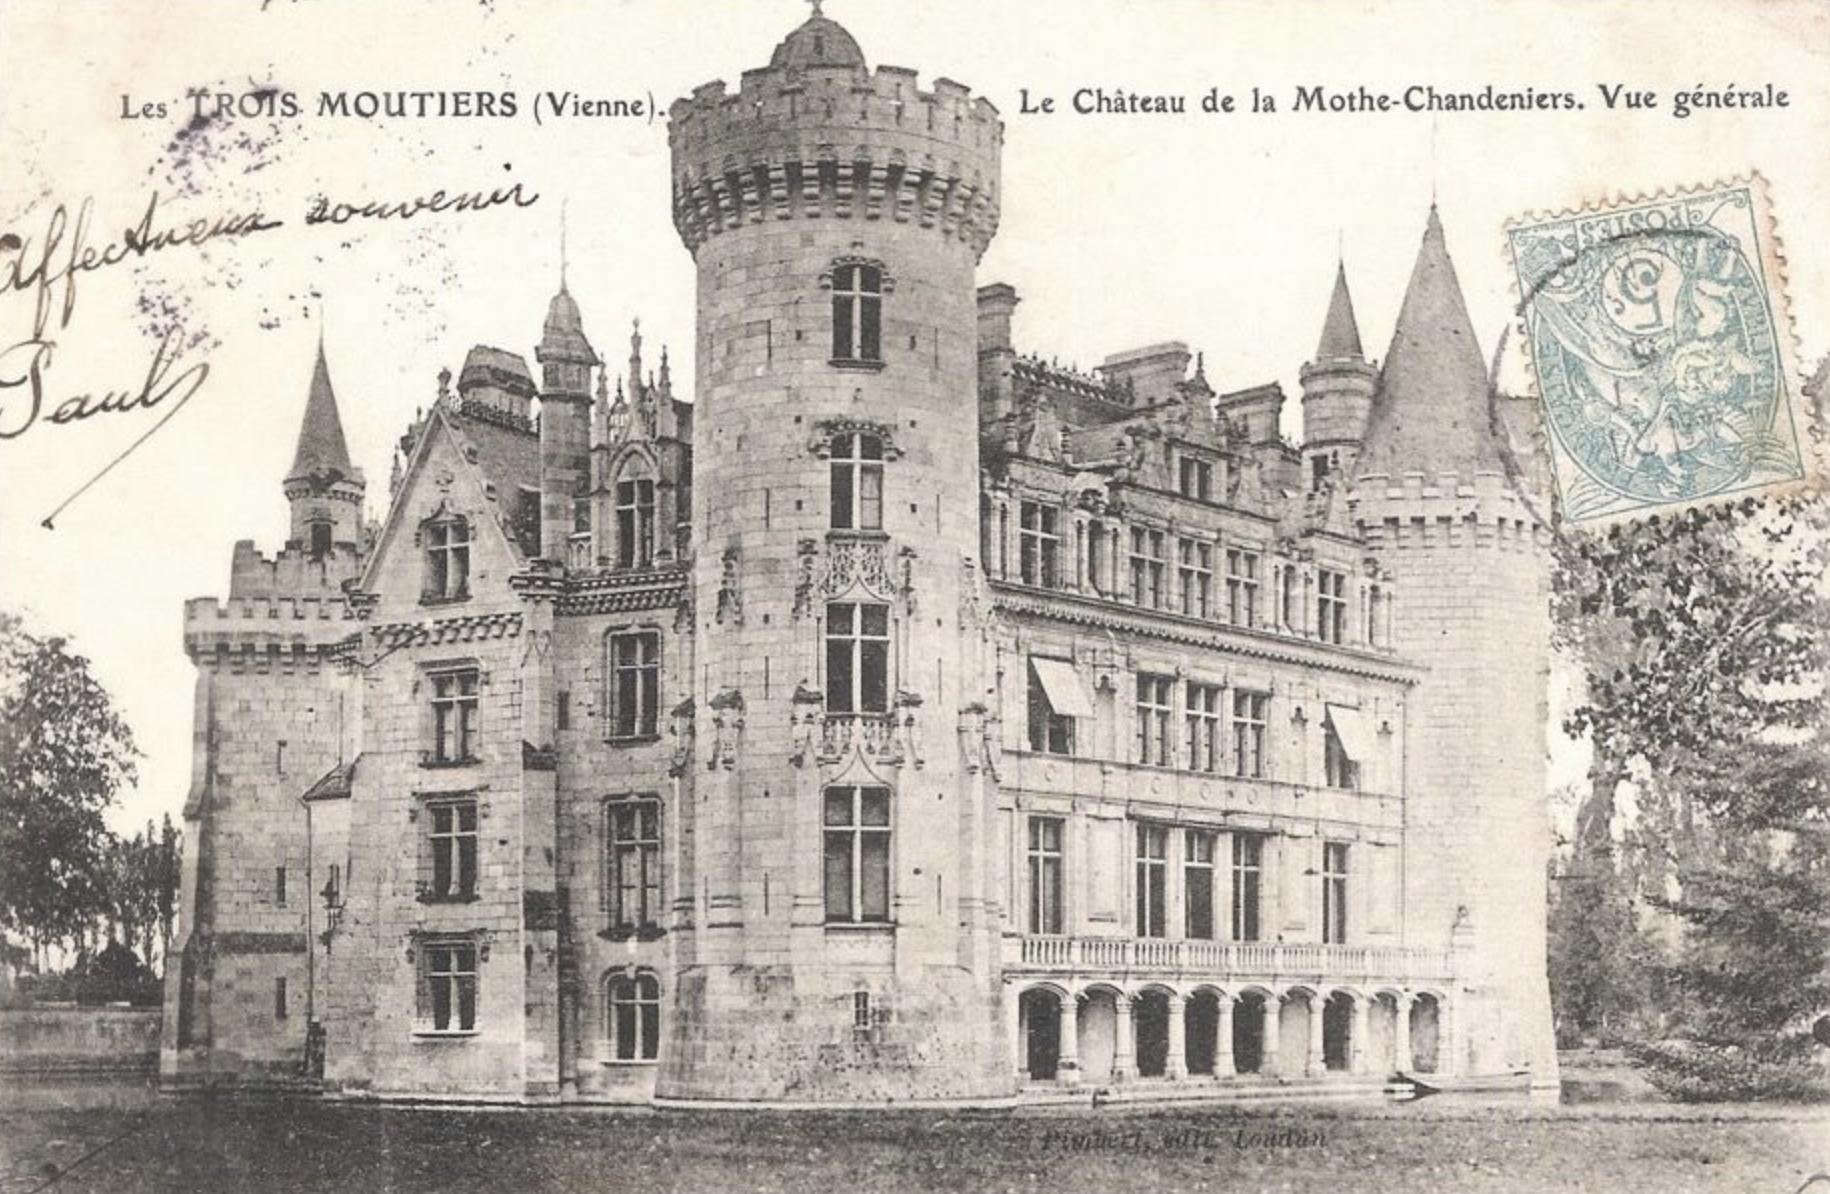 Château de la Mothe Chandeniers, château en ruine, superbe château, Jean-Baptiste Chauvin photographe